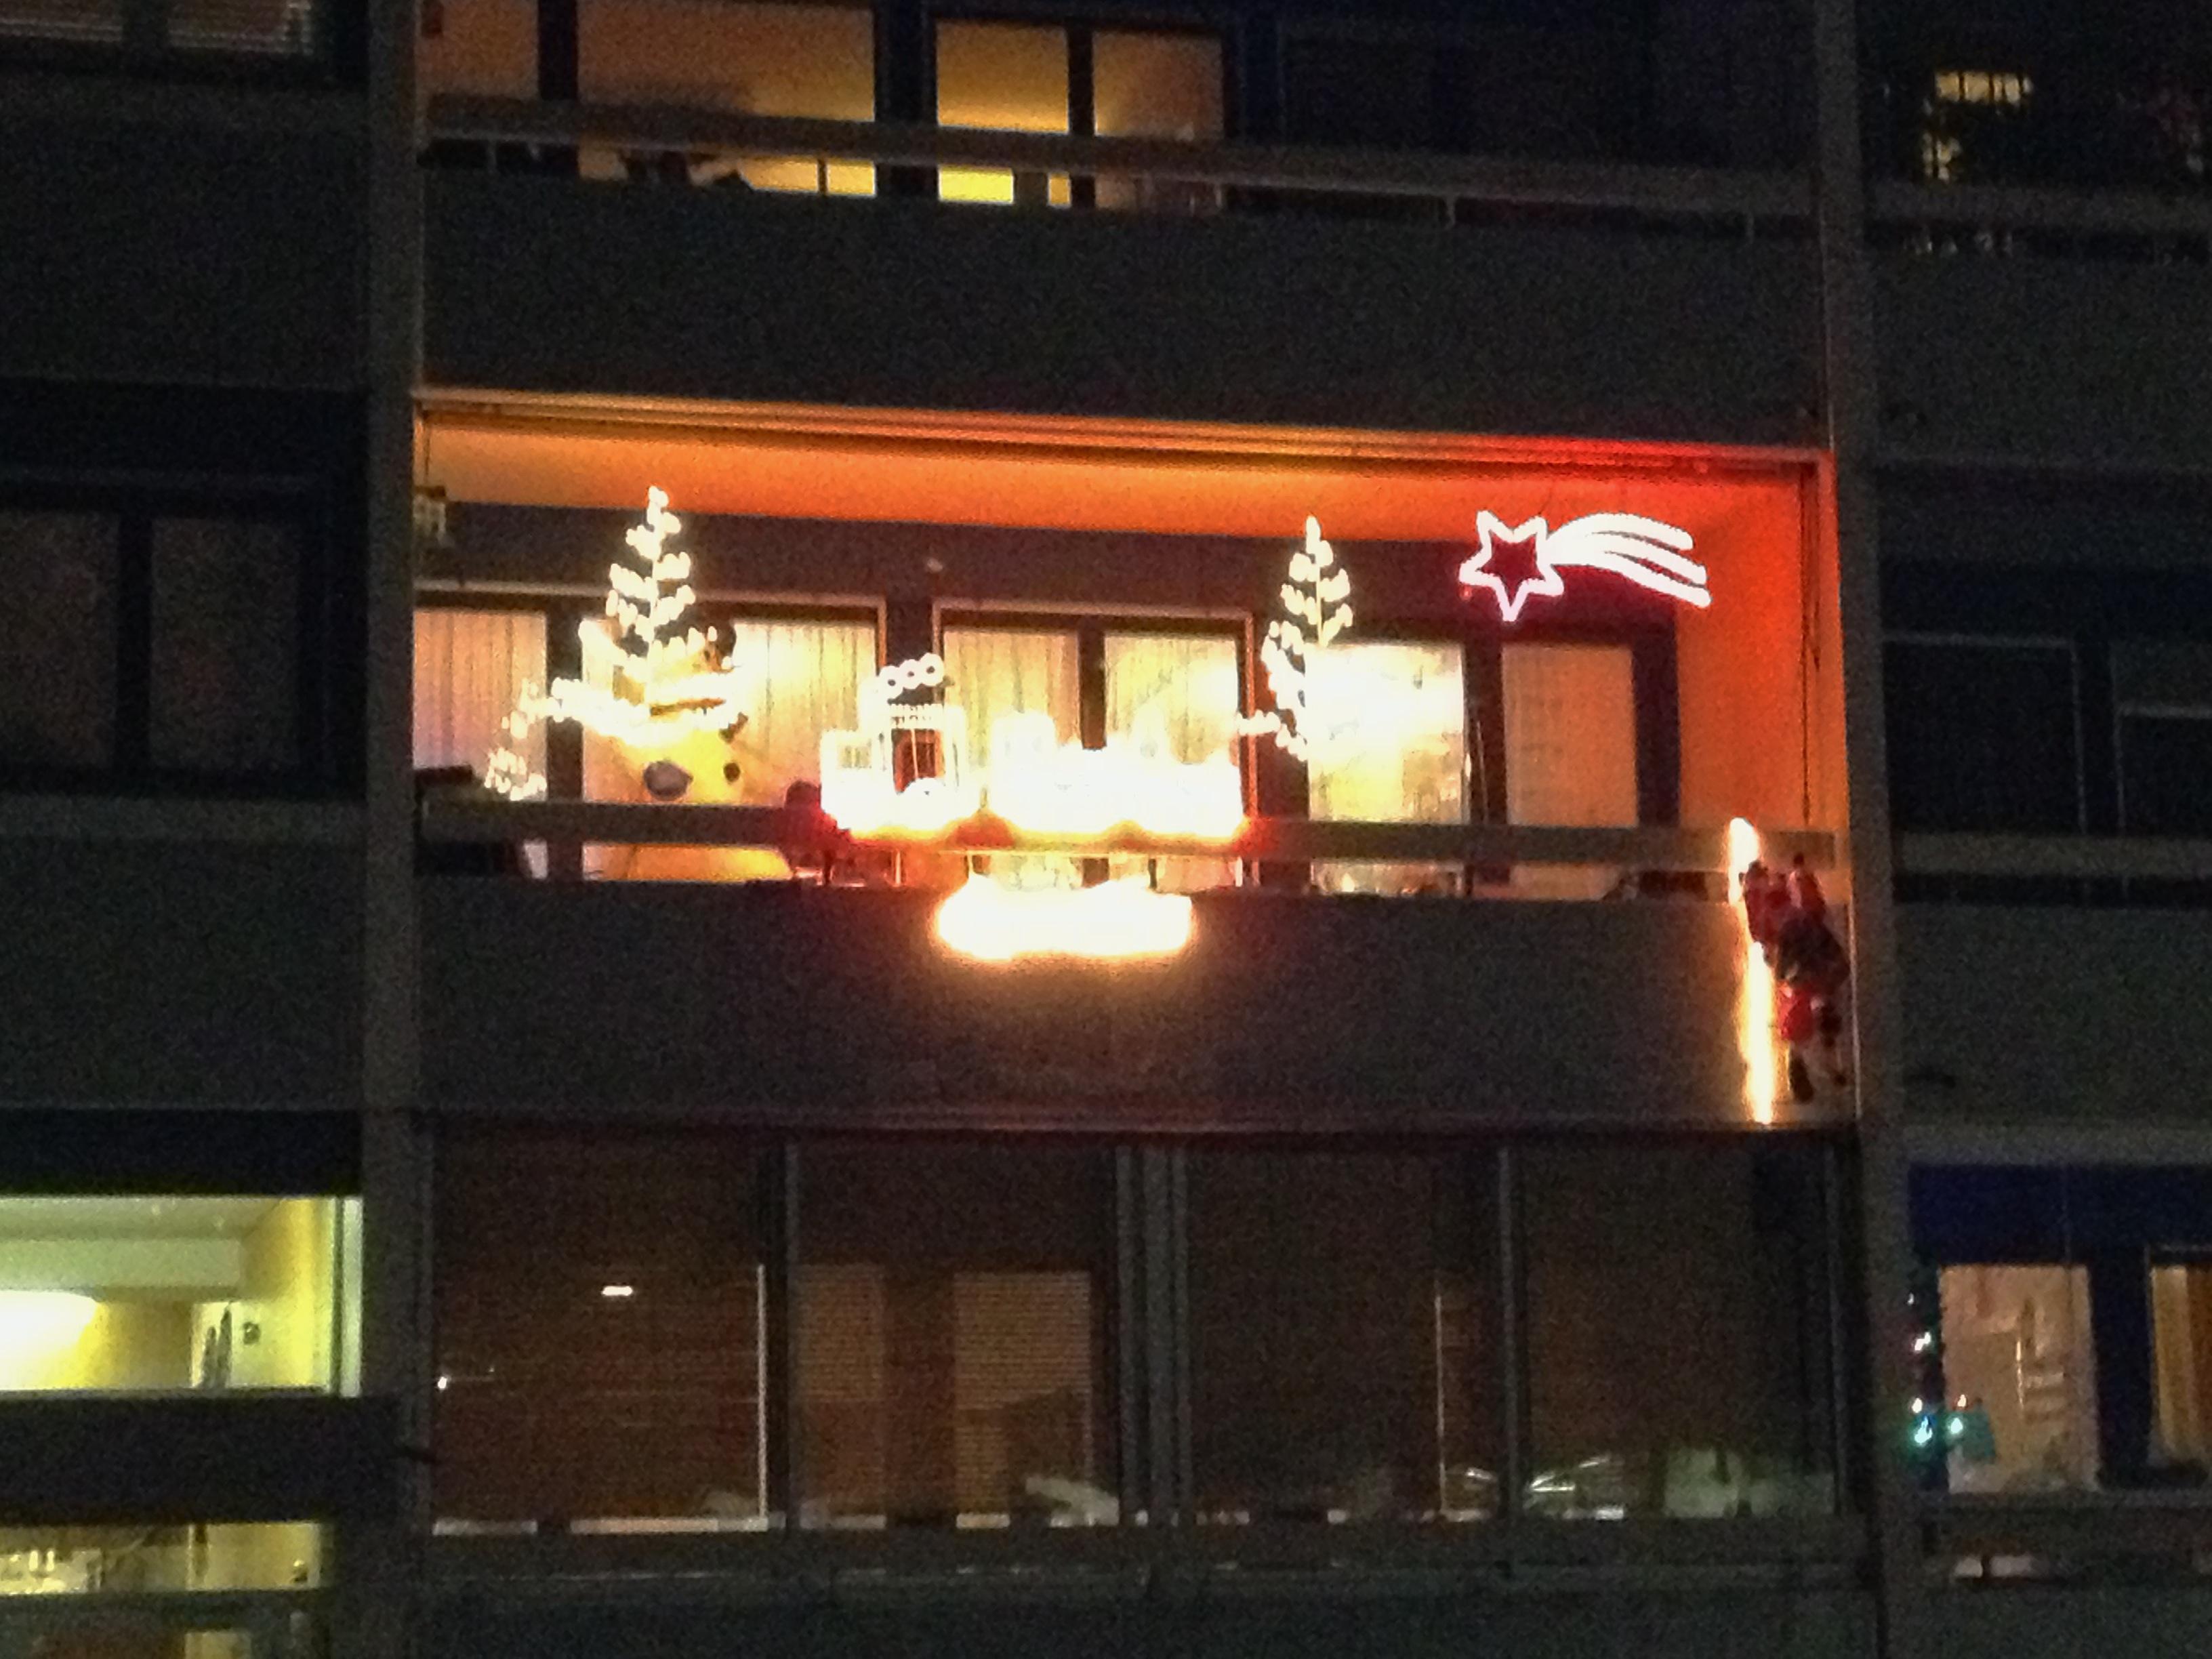 #AF391C Les Trois Chêne à L'heure Des Décorations De Noël Signé  5435 decorations de noel geneve 3264x2448 px @ aertt.com